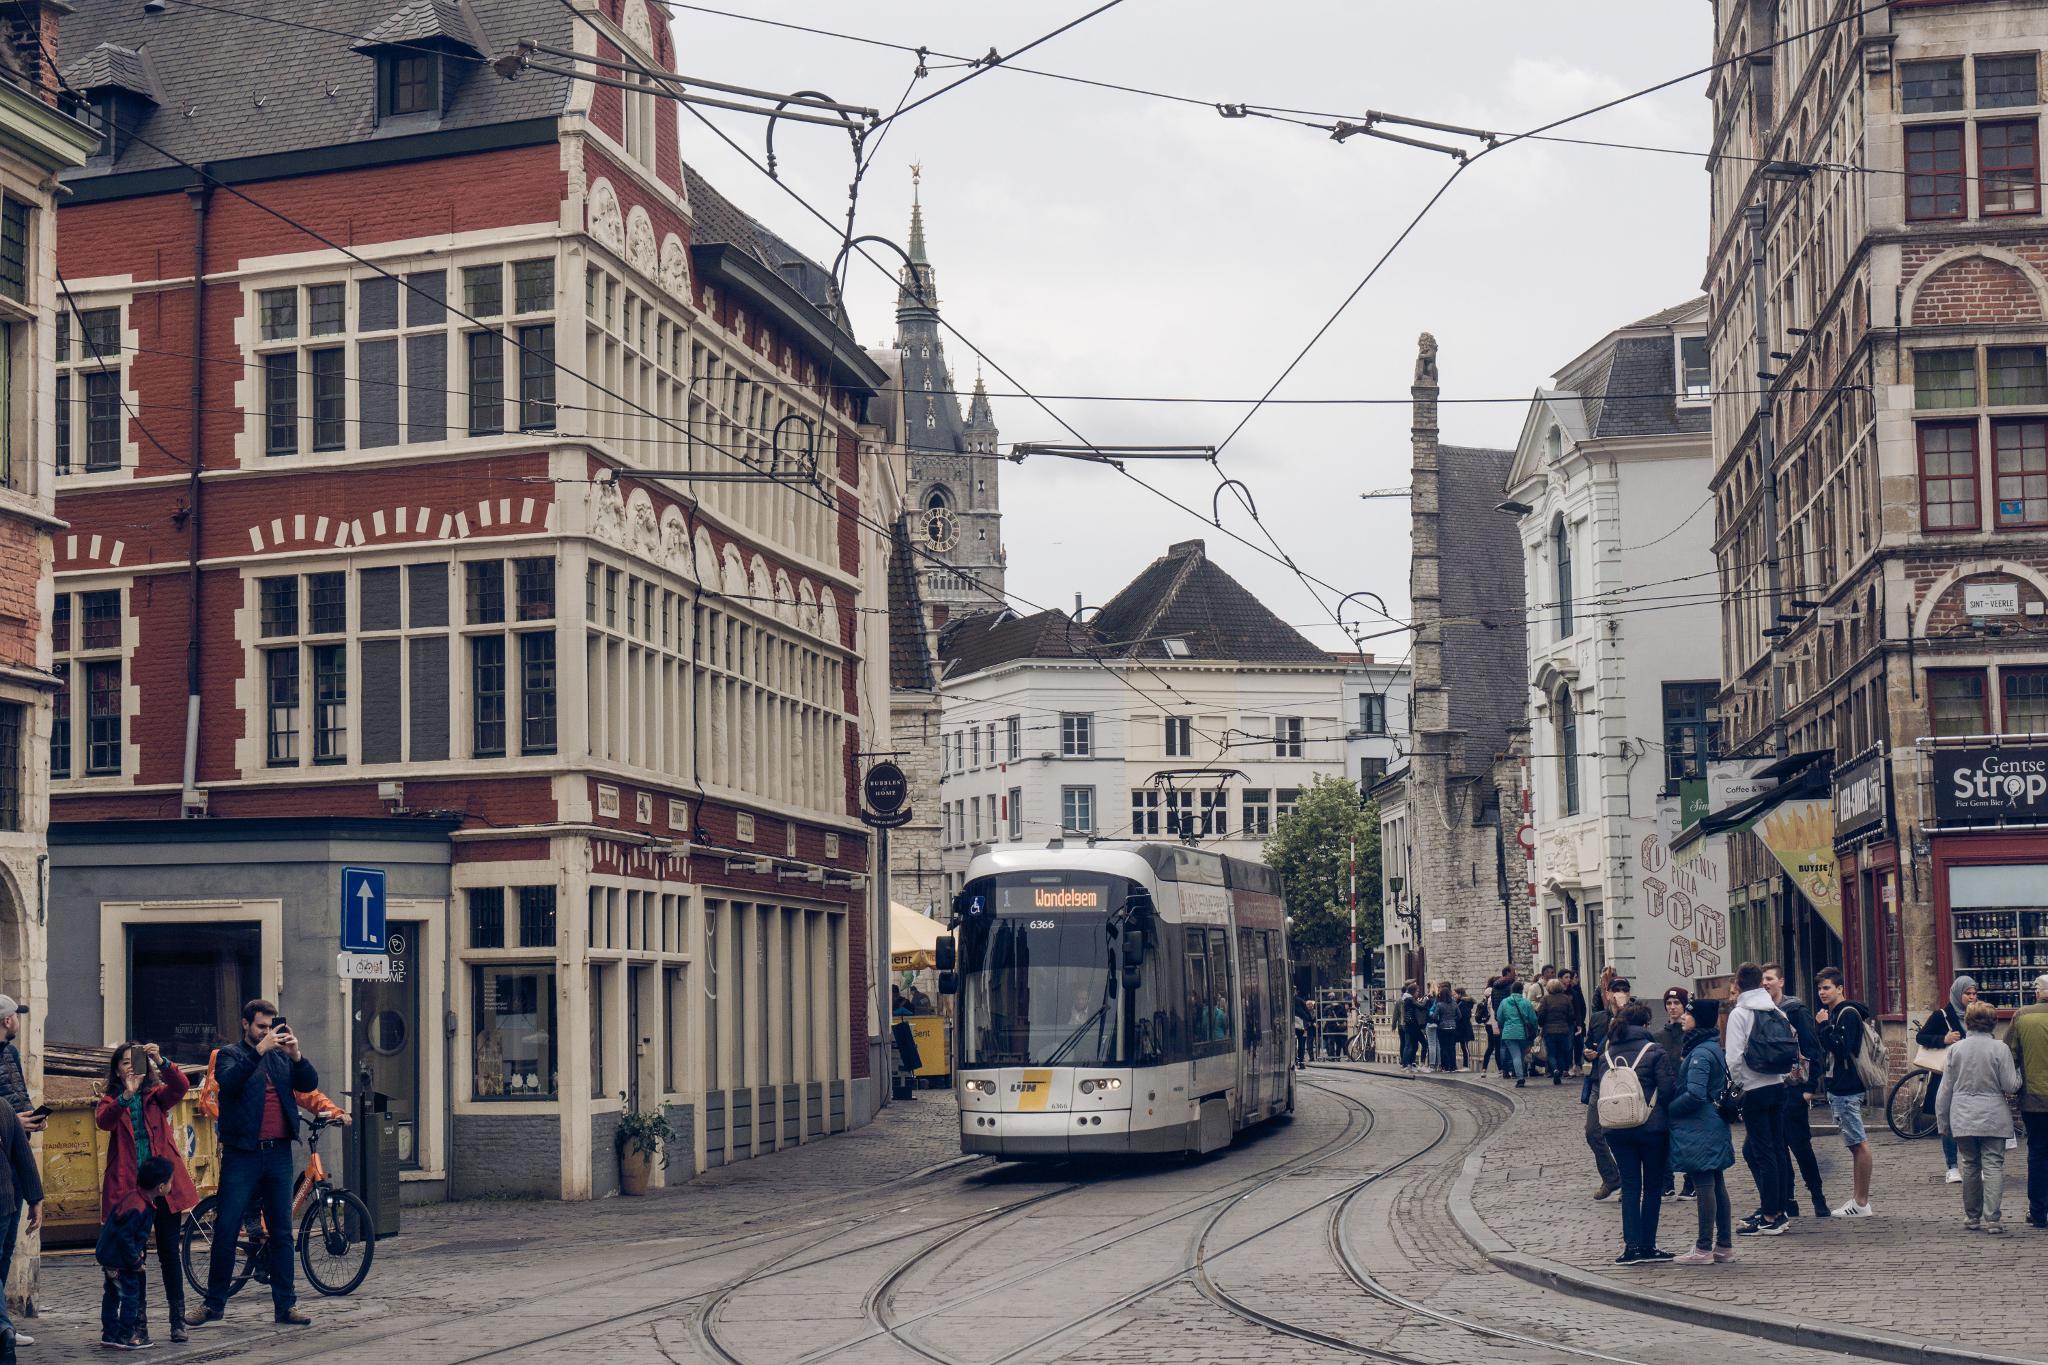 【比利時】穿梭中世紀的大城小事 — 比利時根特 (Ghent) 散步景點總整理 122